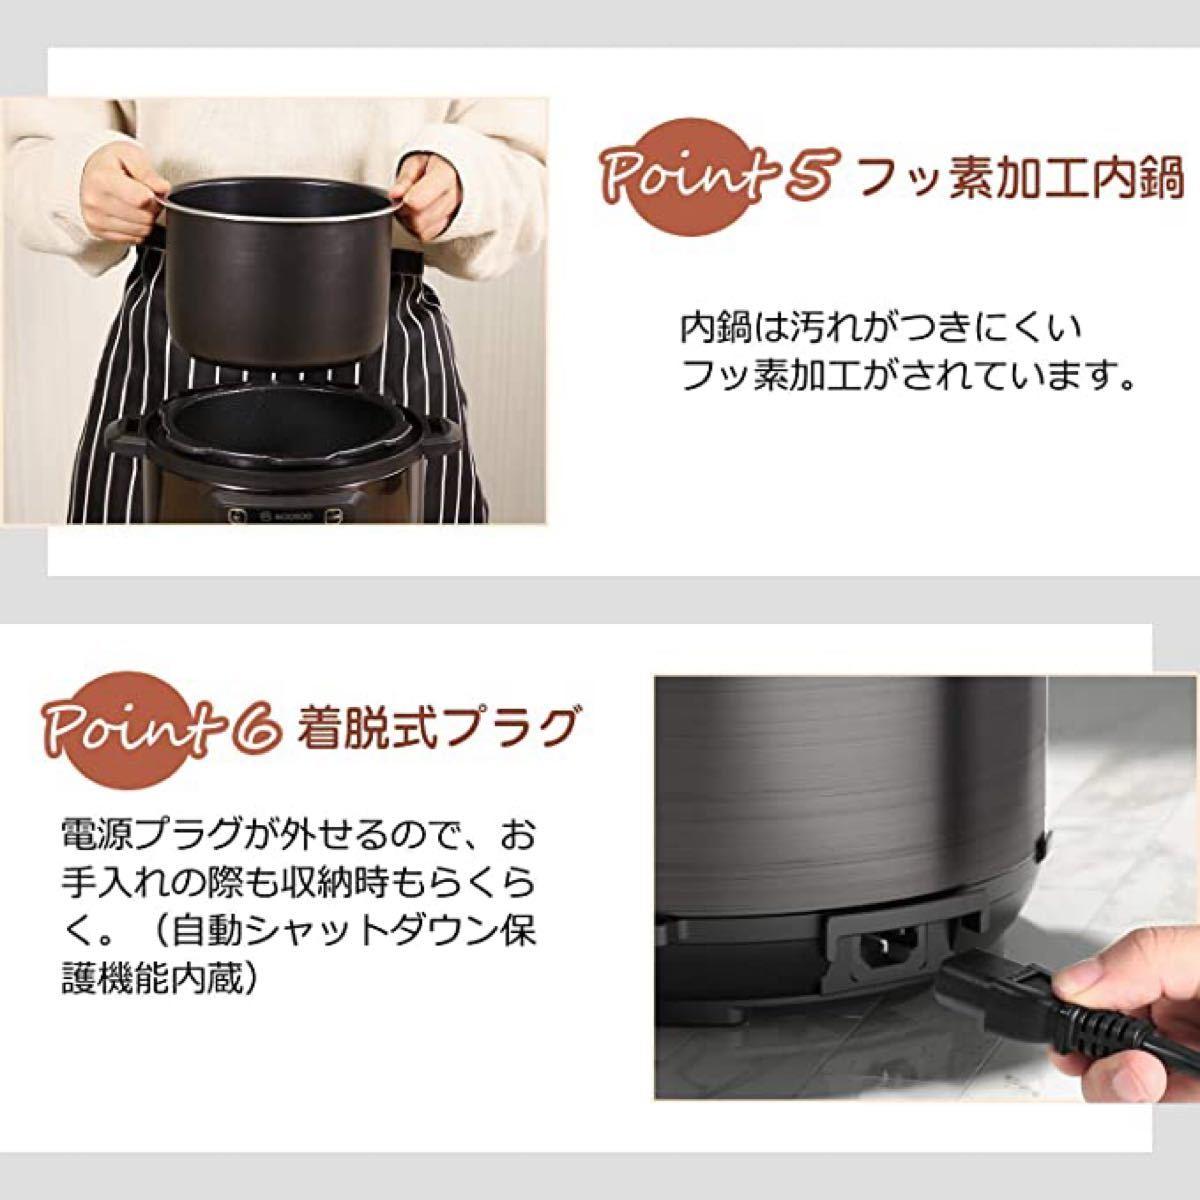 電気圧力鍋 3.0L 14種類自動メニュー 予約調理・保温機能付き 煮込む/豆料理/炊飯/スロー調理/炒めなど 1台14役